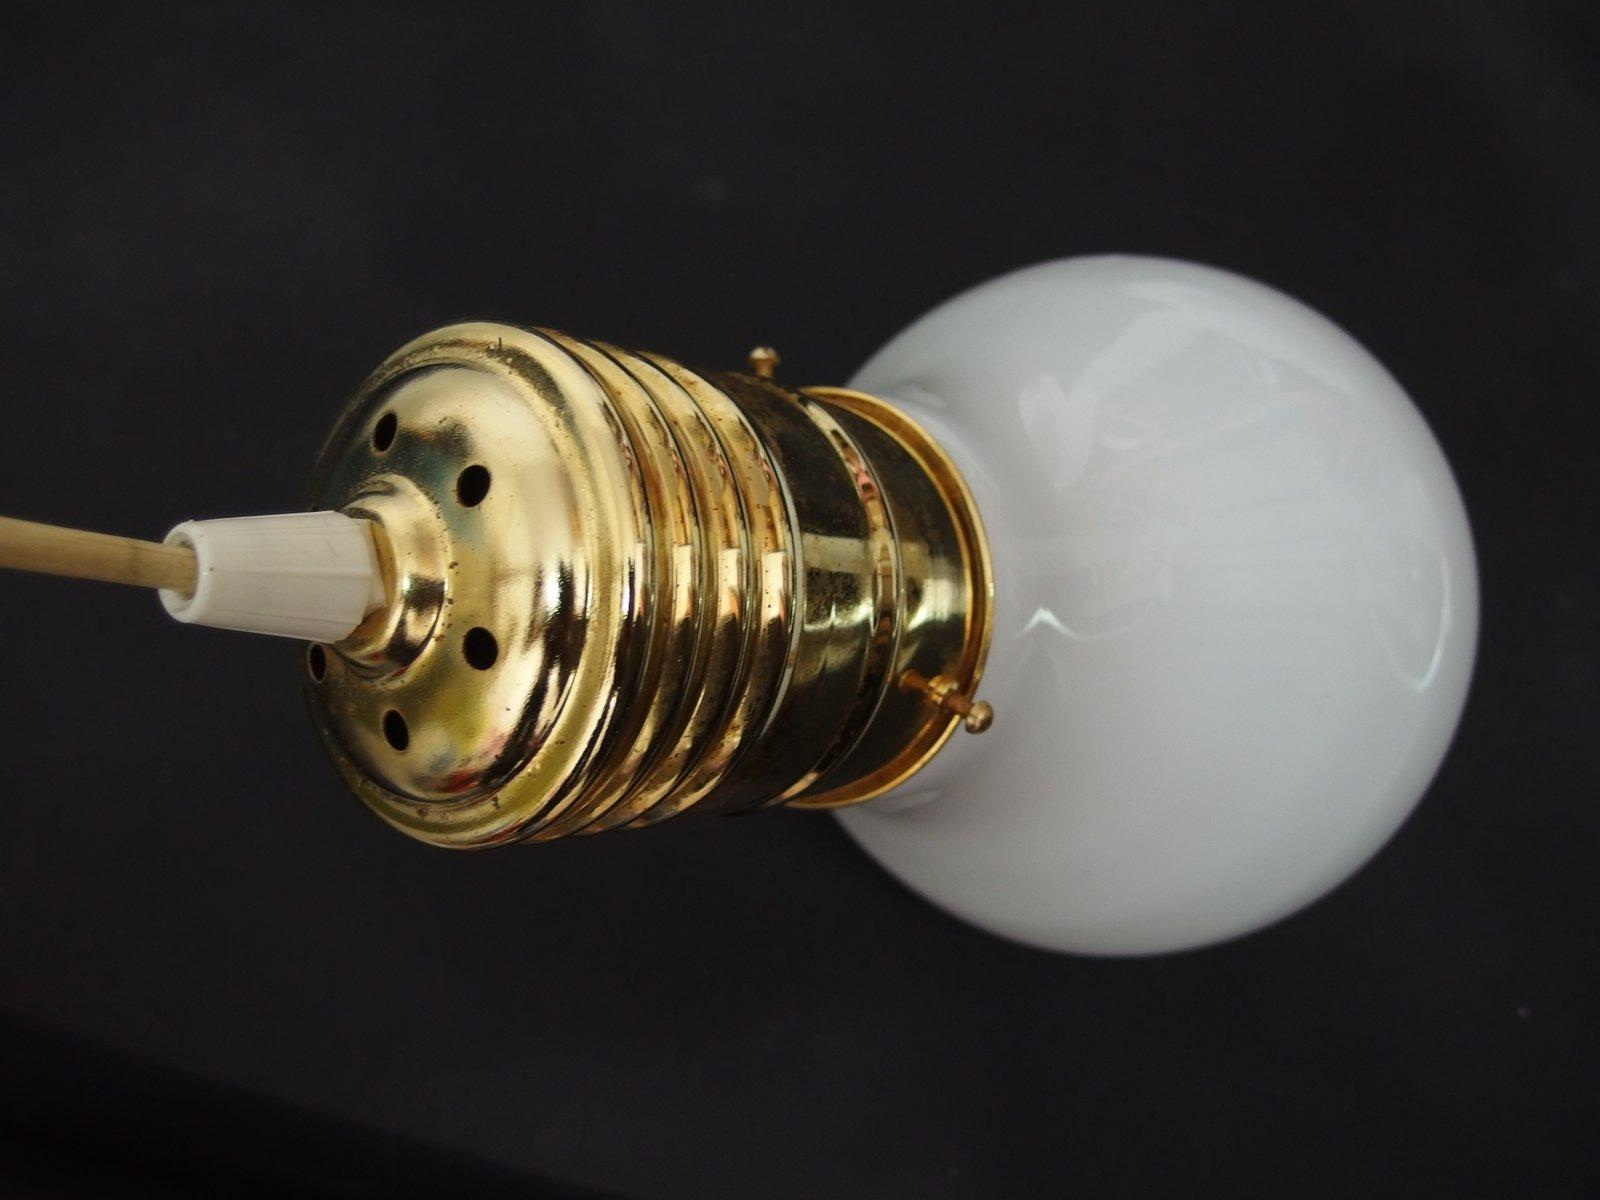 Hängelampe Großer Schirm : vintage h ngelampe aus glas und messing bei pamono kaufen ~ Whattoseeinmadrid.com Haus und Dekorationen